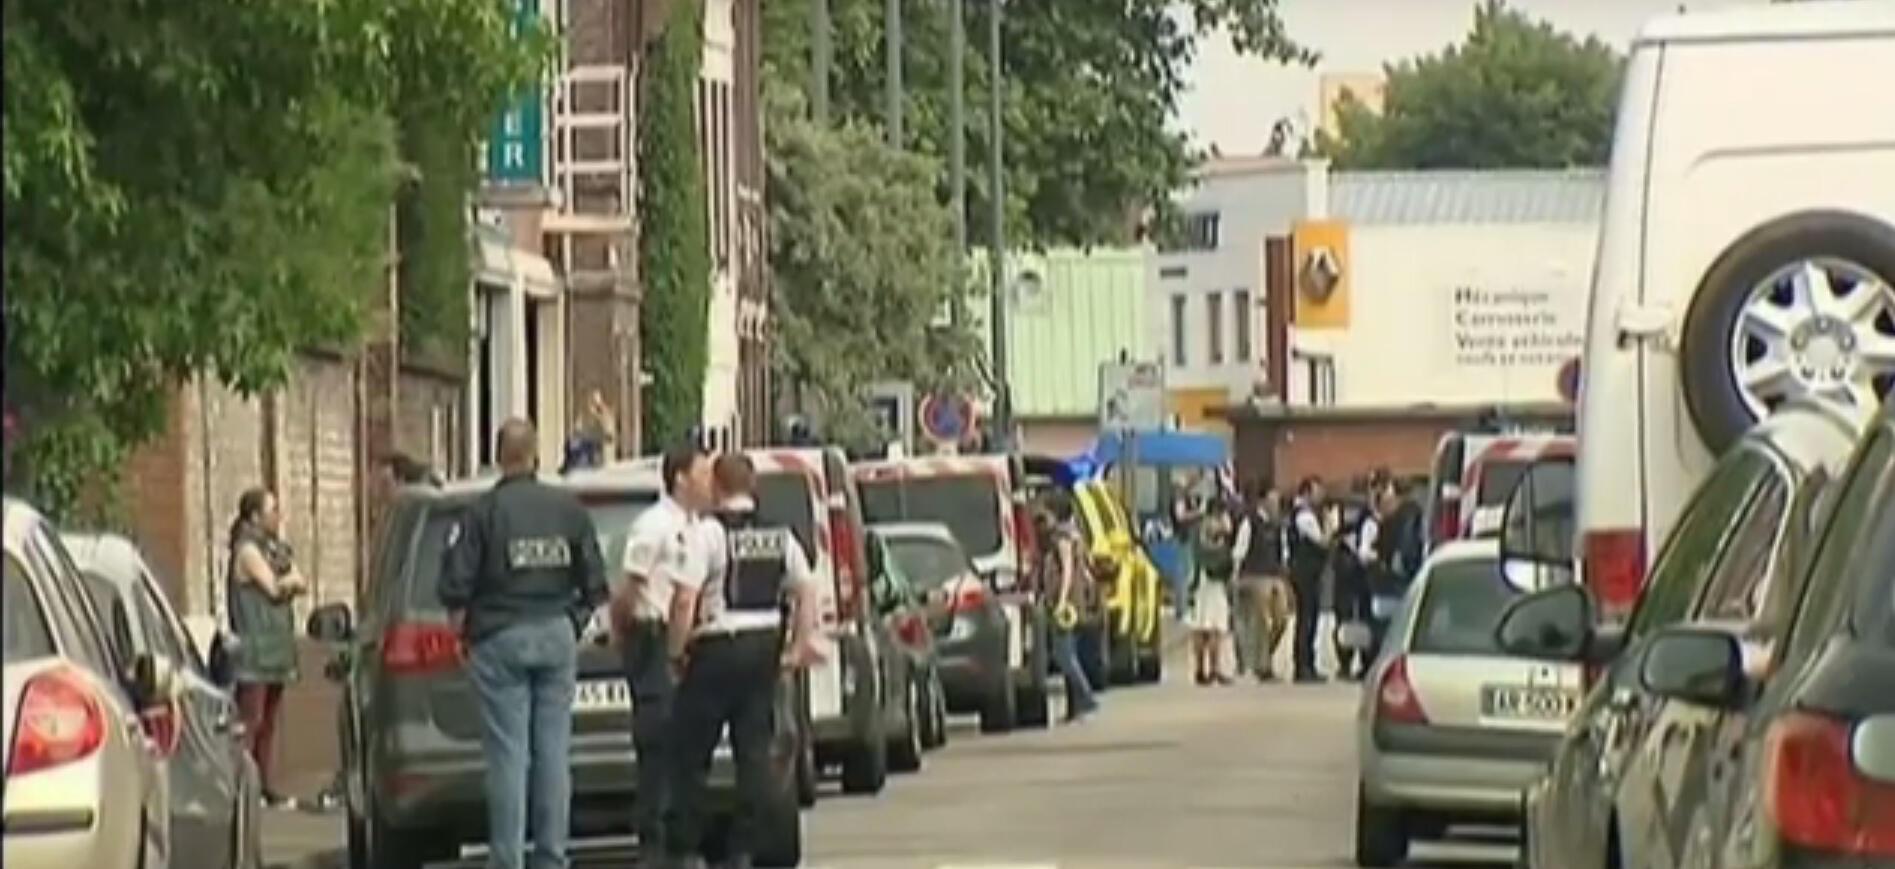 Des policiers à Saint-Étienne-du-Rouvray mardi 26 juillet.